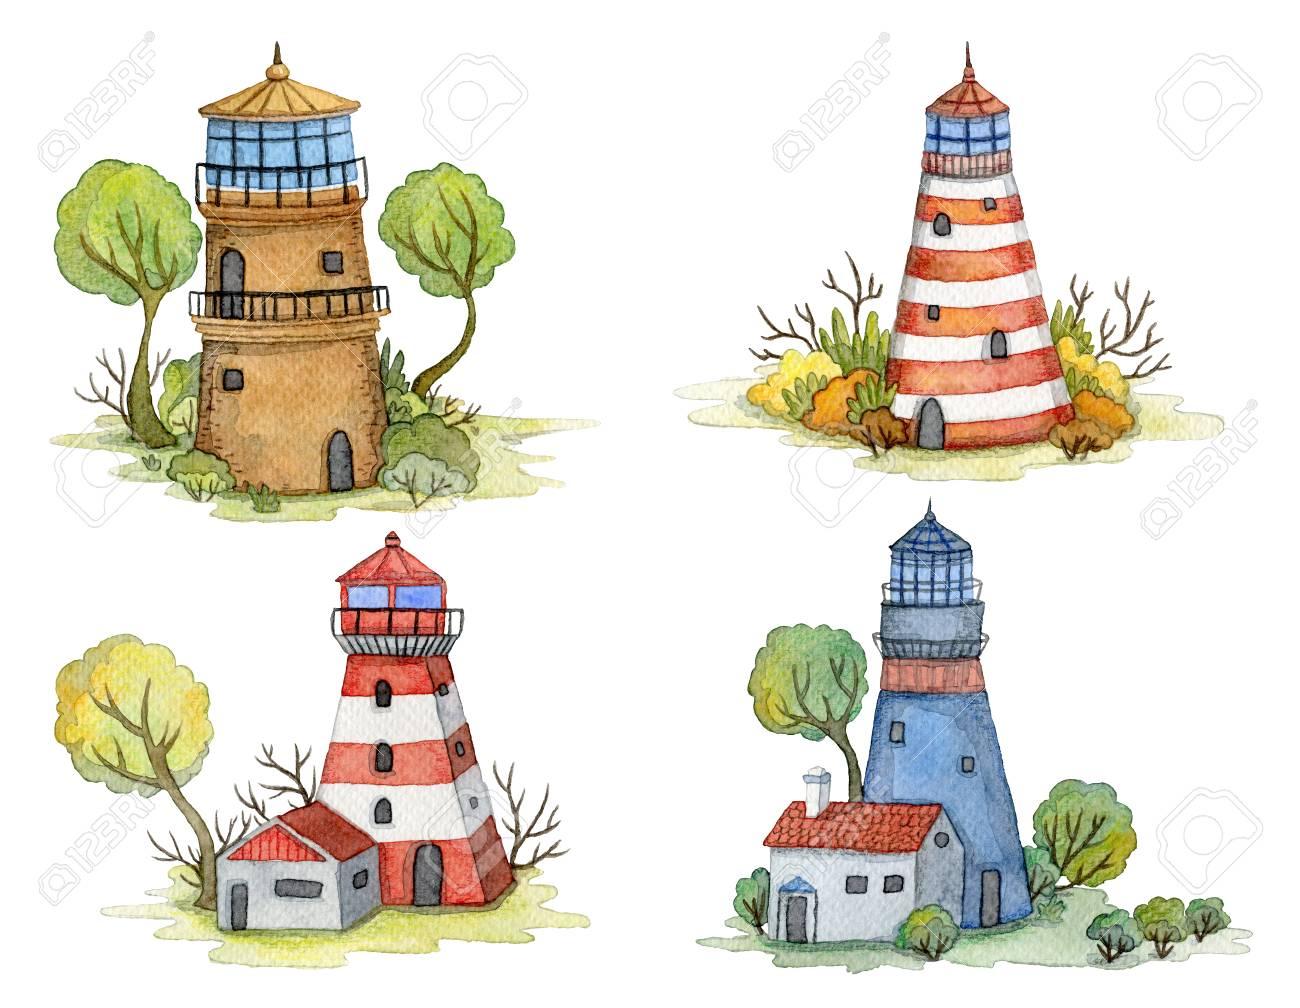 Faros De Acuarela De Dibujos Animados Con árboles Y Plantas Paisaje De Cuento De Hadas Concepto De Diseño Vintage Para Imprimir O Cartel